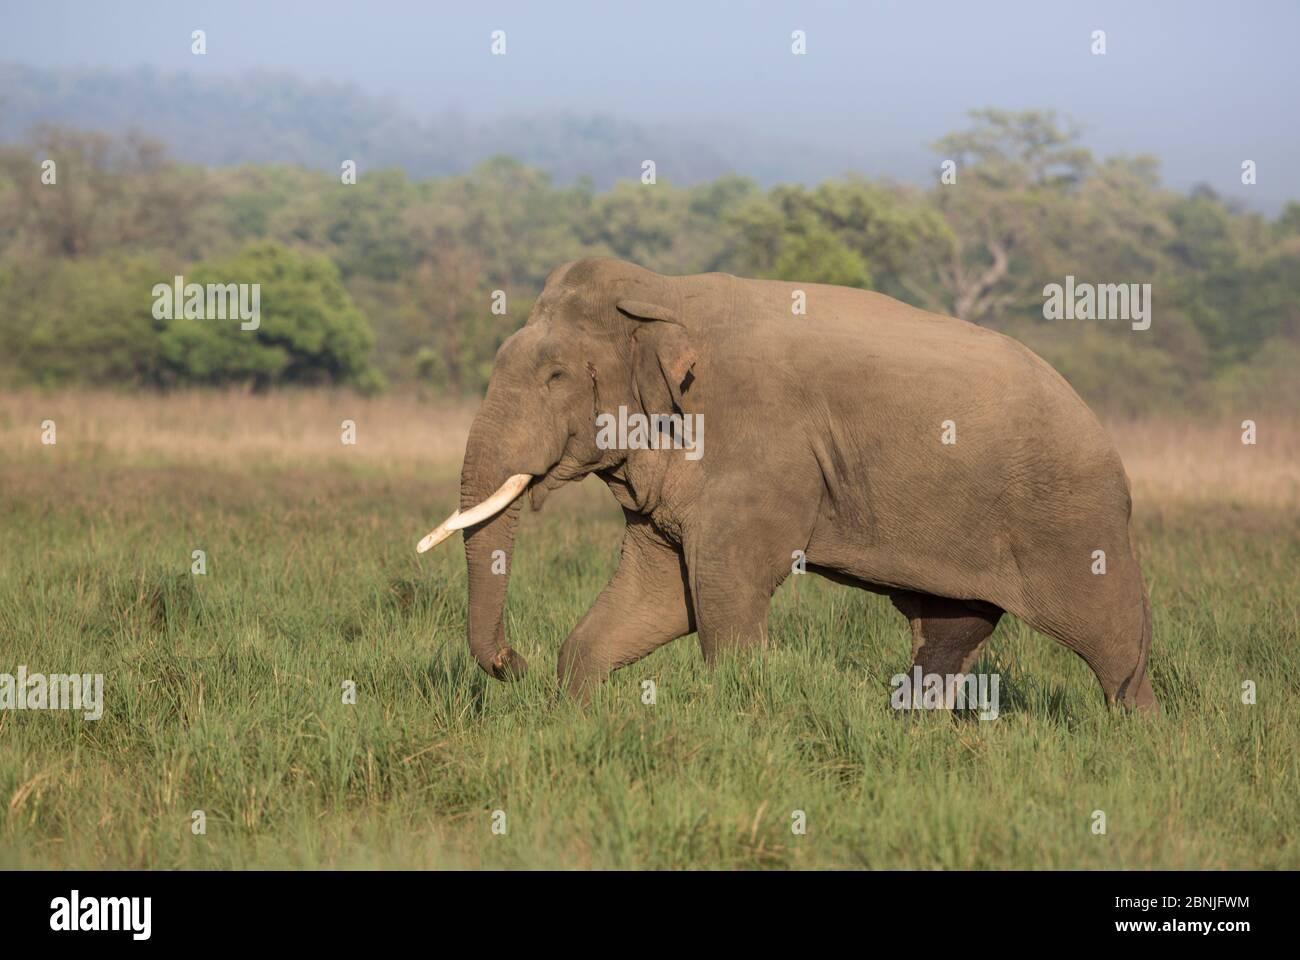 Éléphant asiatique (Elepha maxima), mâle avec sécrétion musquée de la glande temporelle près de l'oreille visible. Parc national Jim Corbett, Inde. Banque D'Images